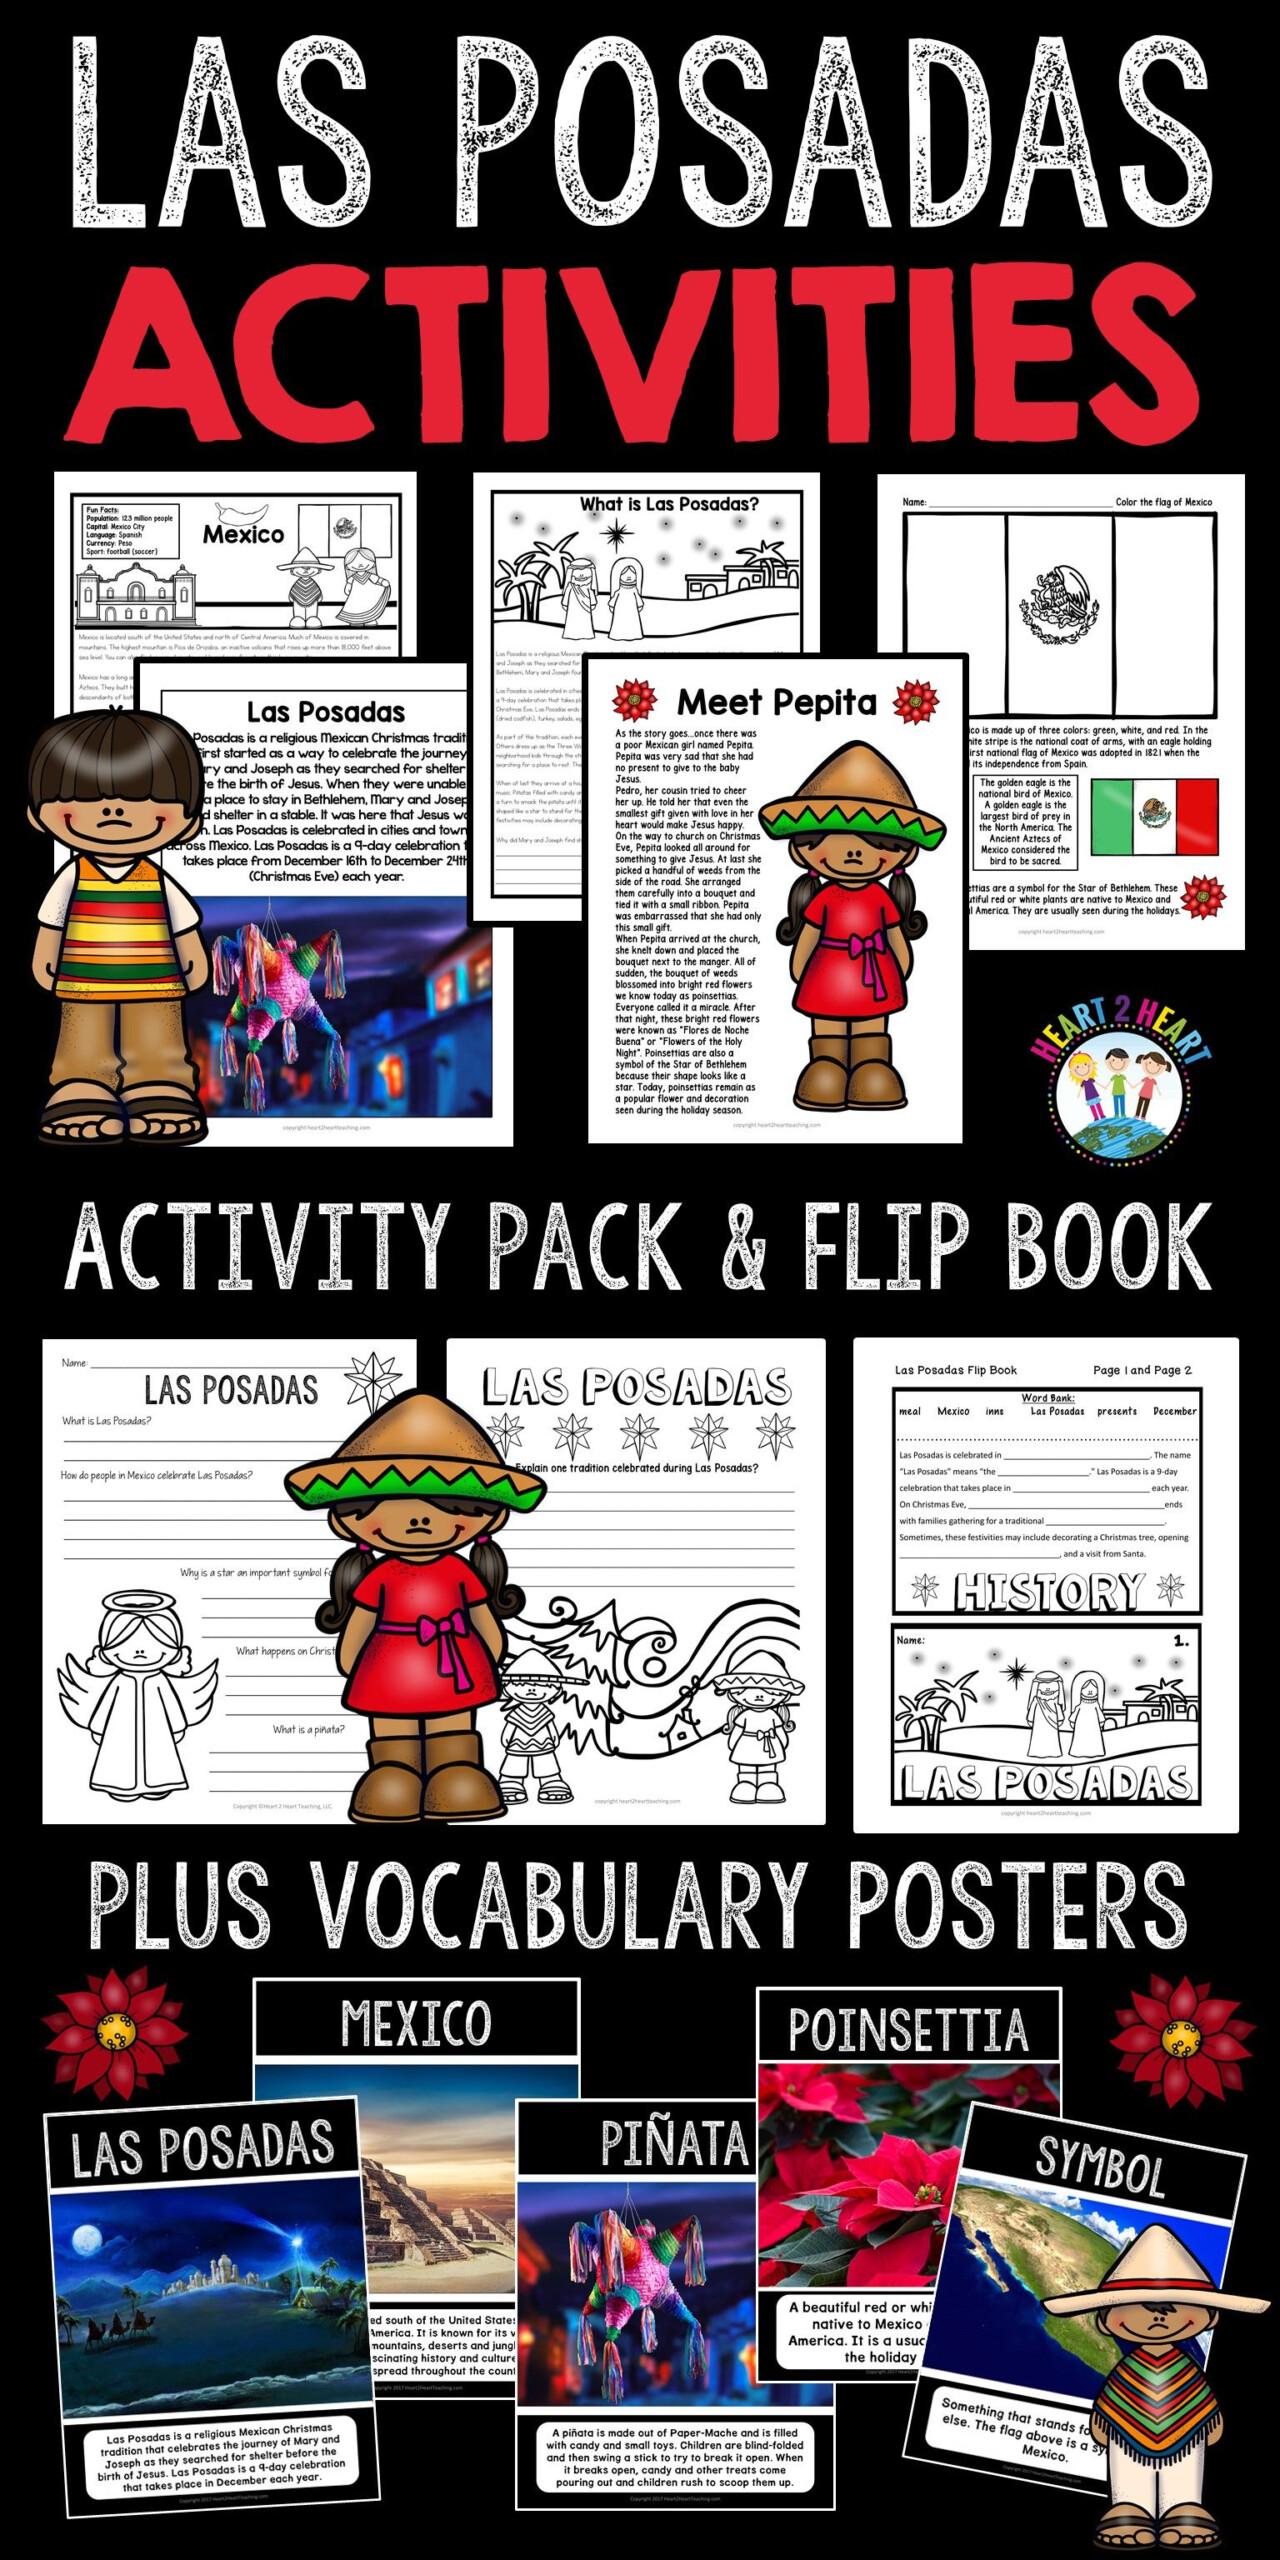 Christmas In Mexico: Las Posadas Activities And Flip Book